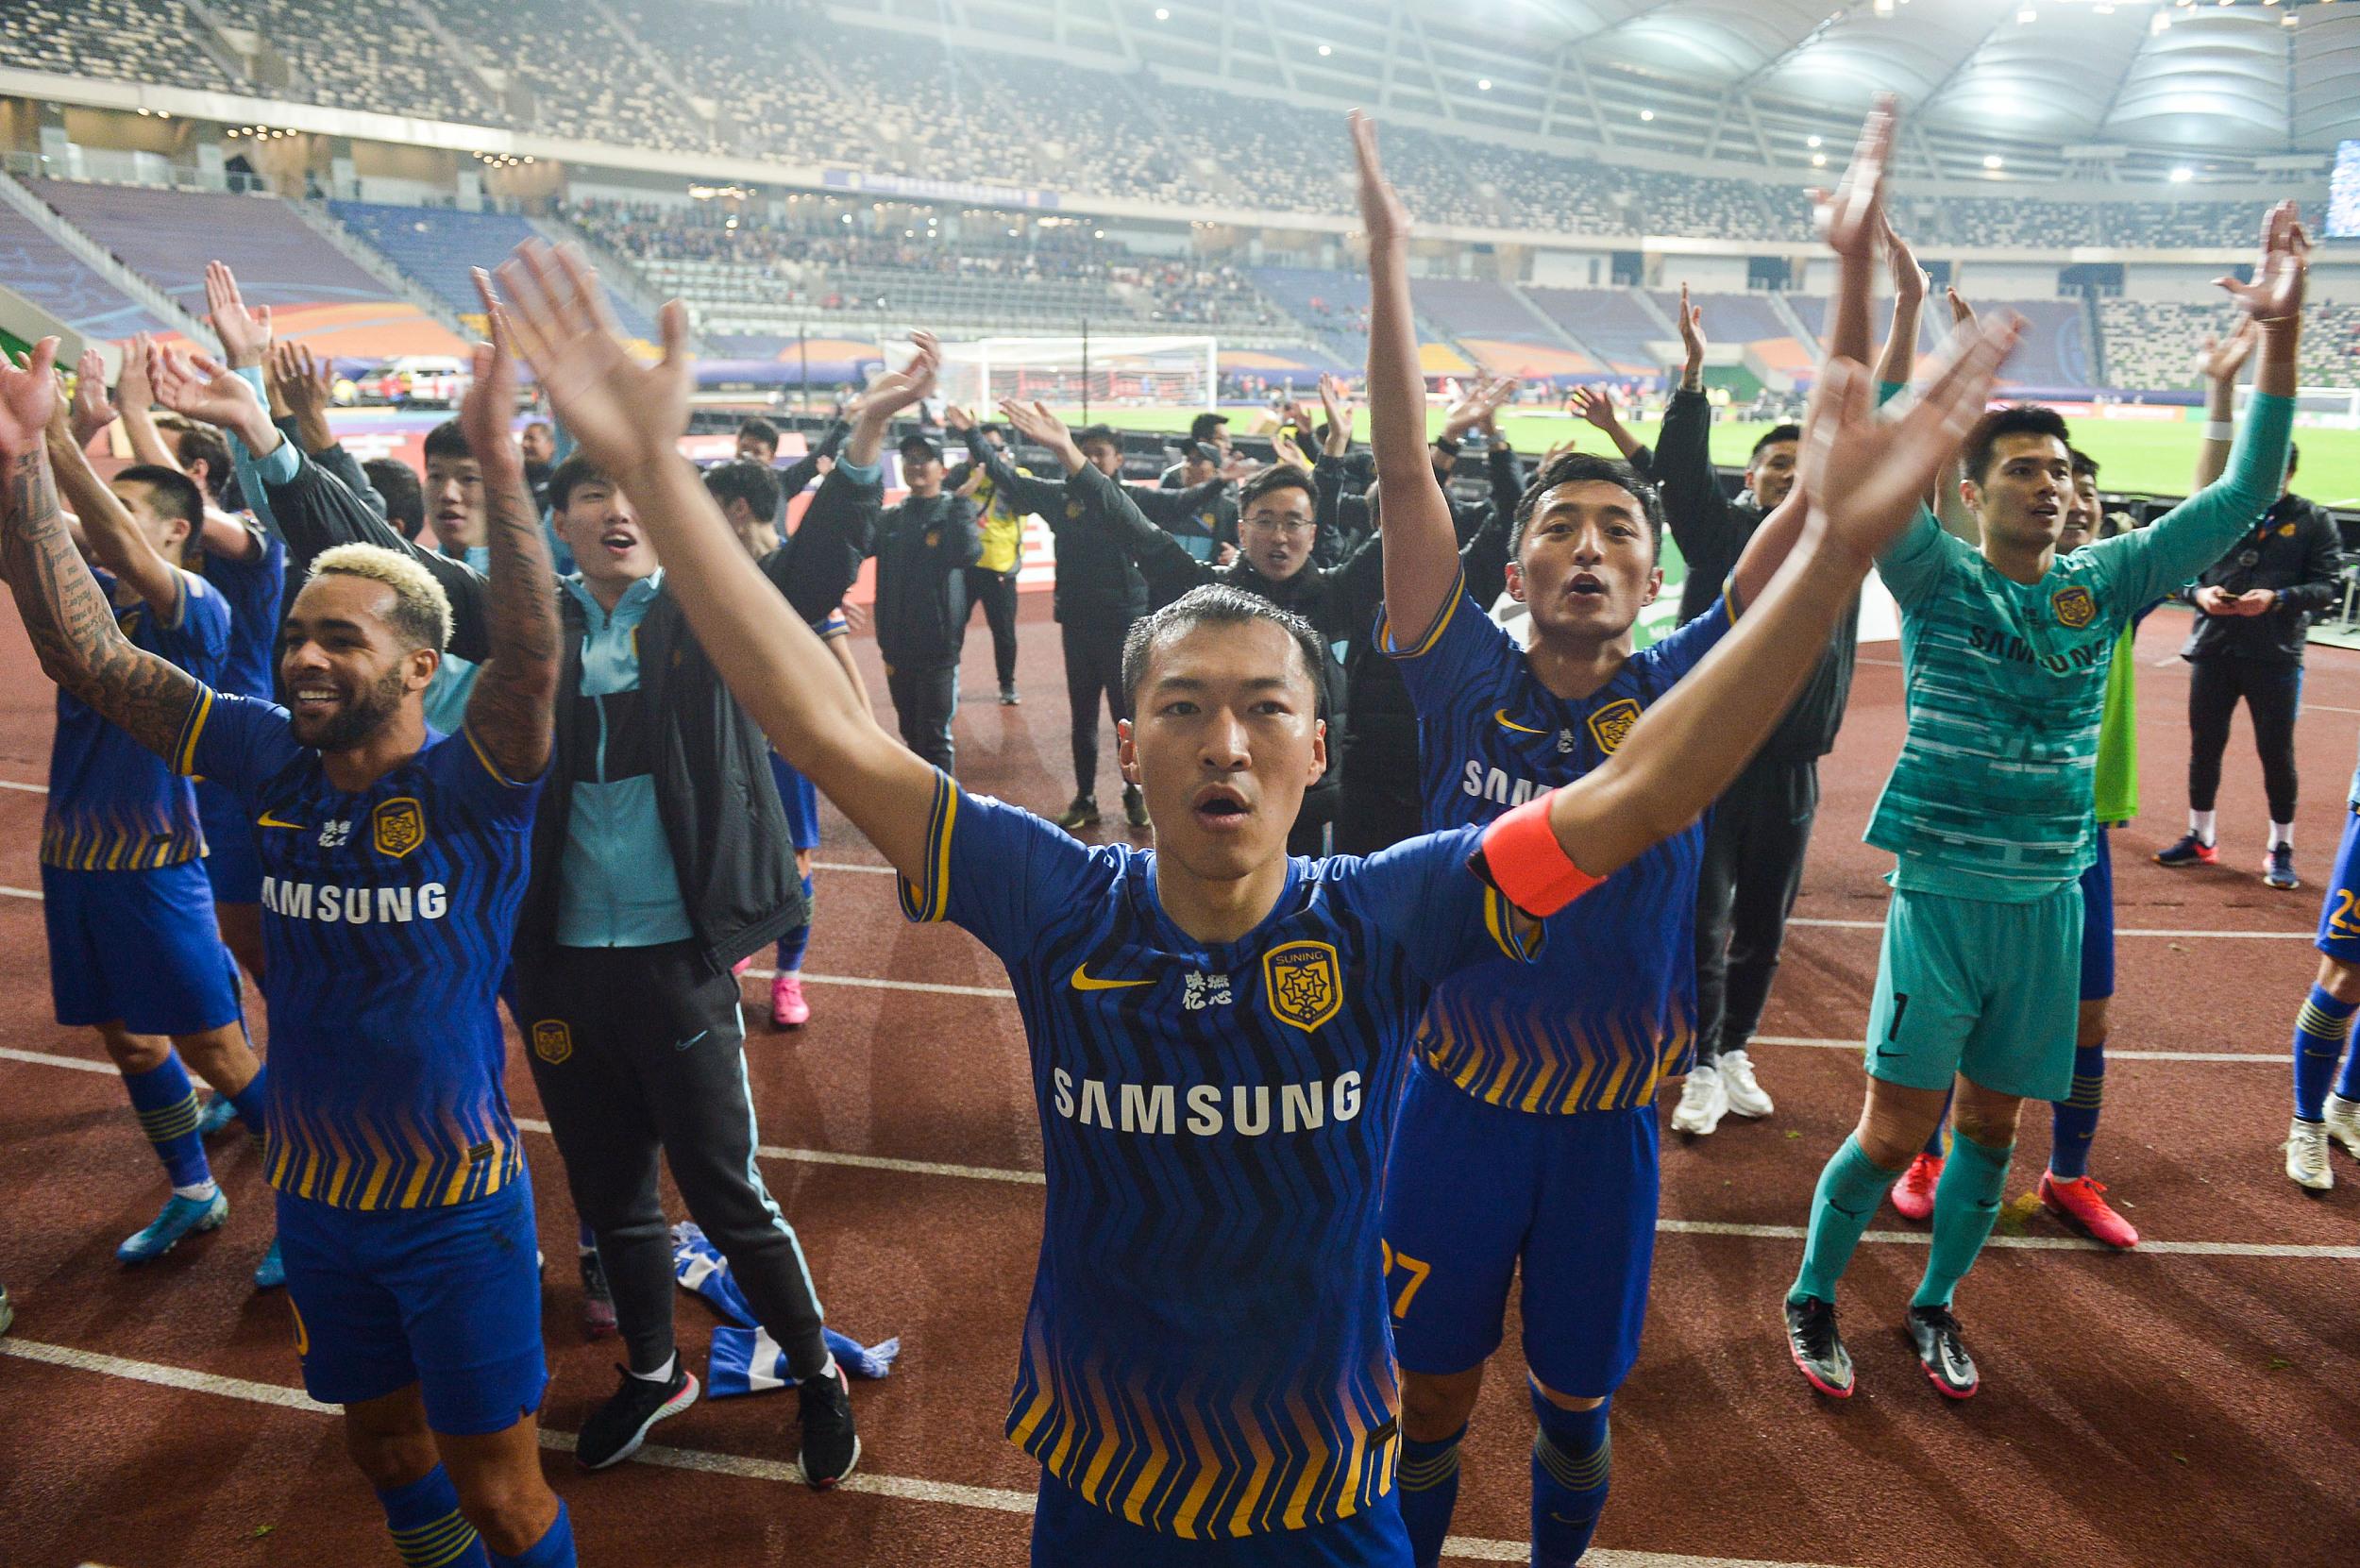 苏宁俱乐部拿下了2020年中超冠军。